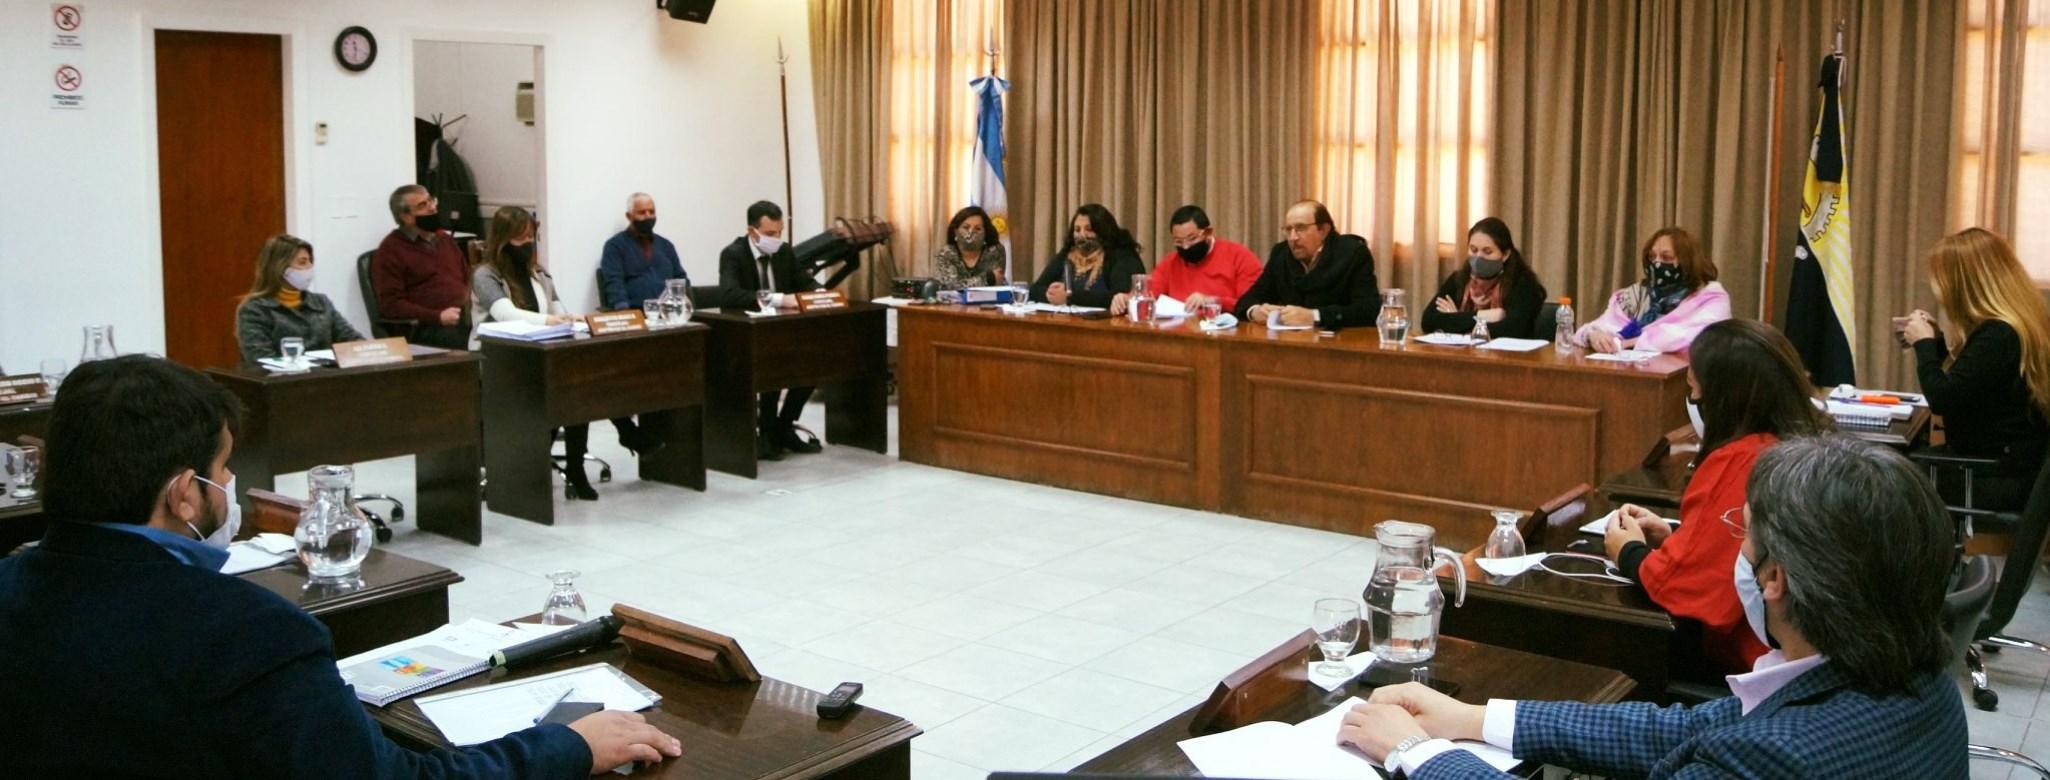 Se aprobó la Creación del Consejo de Protección Integral de las Mujeres, Género y Diversidad